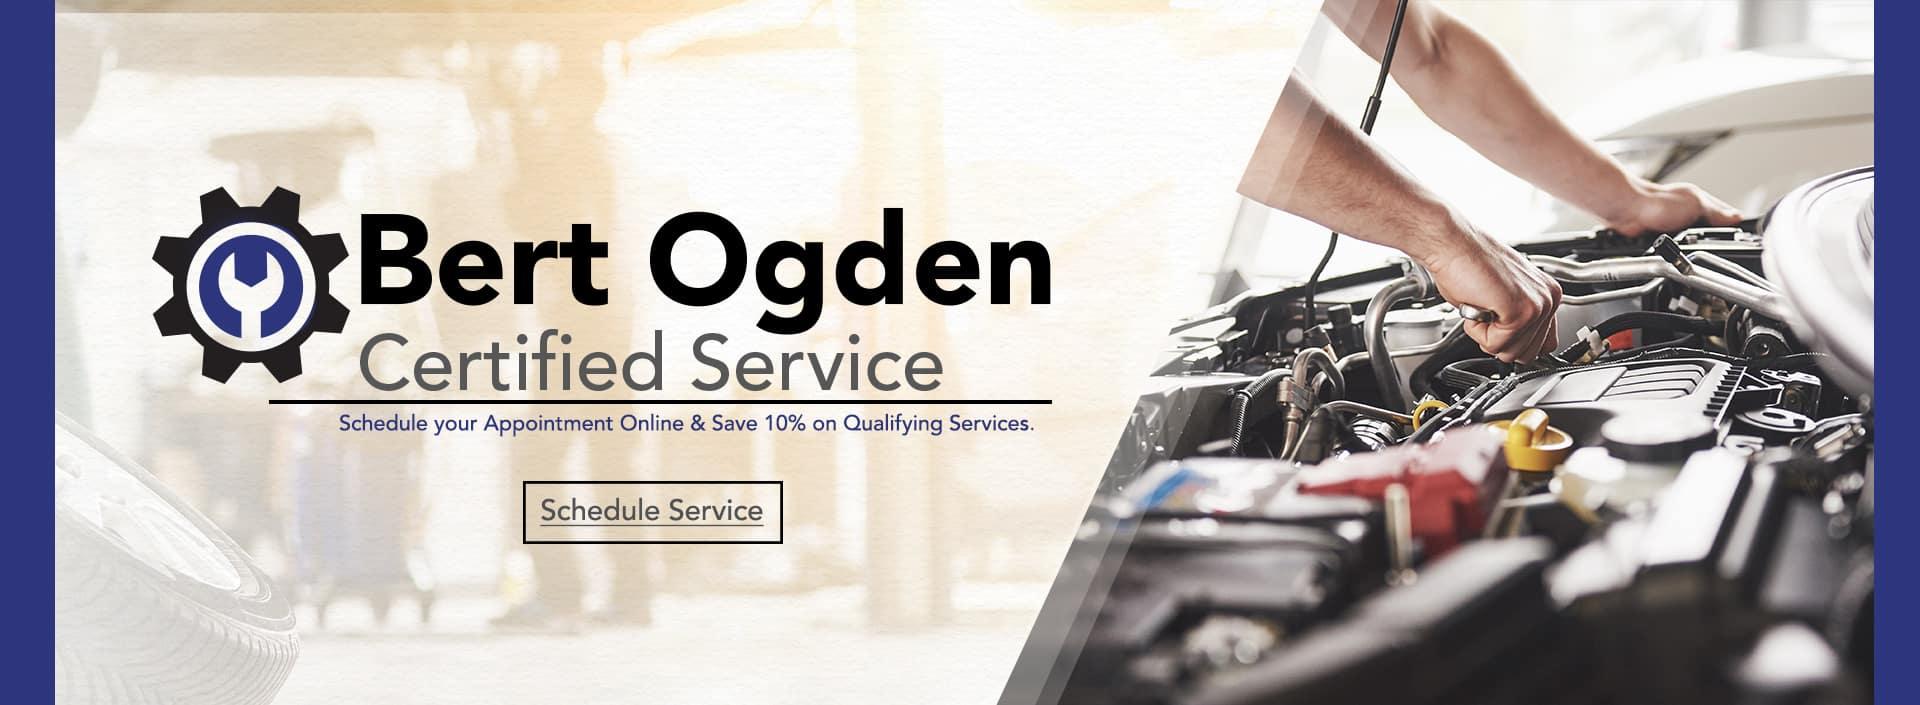 Service_002_1920X705